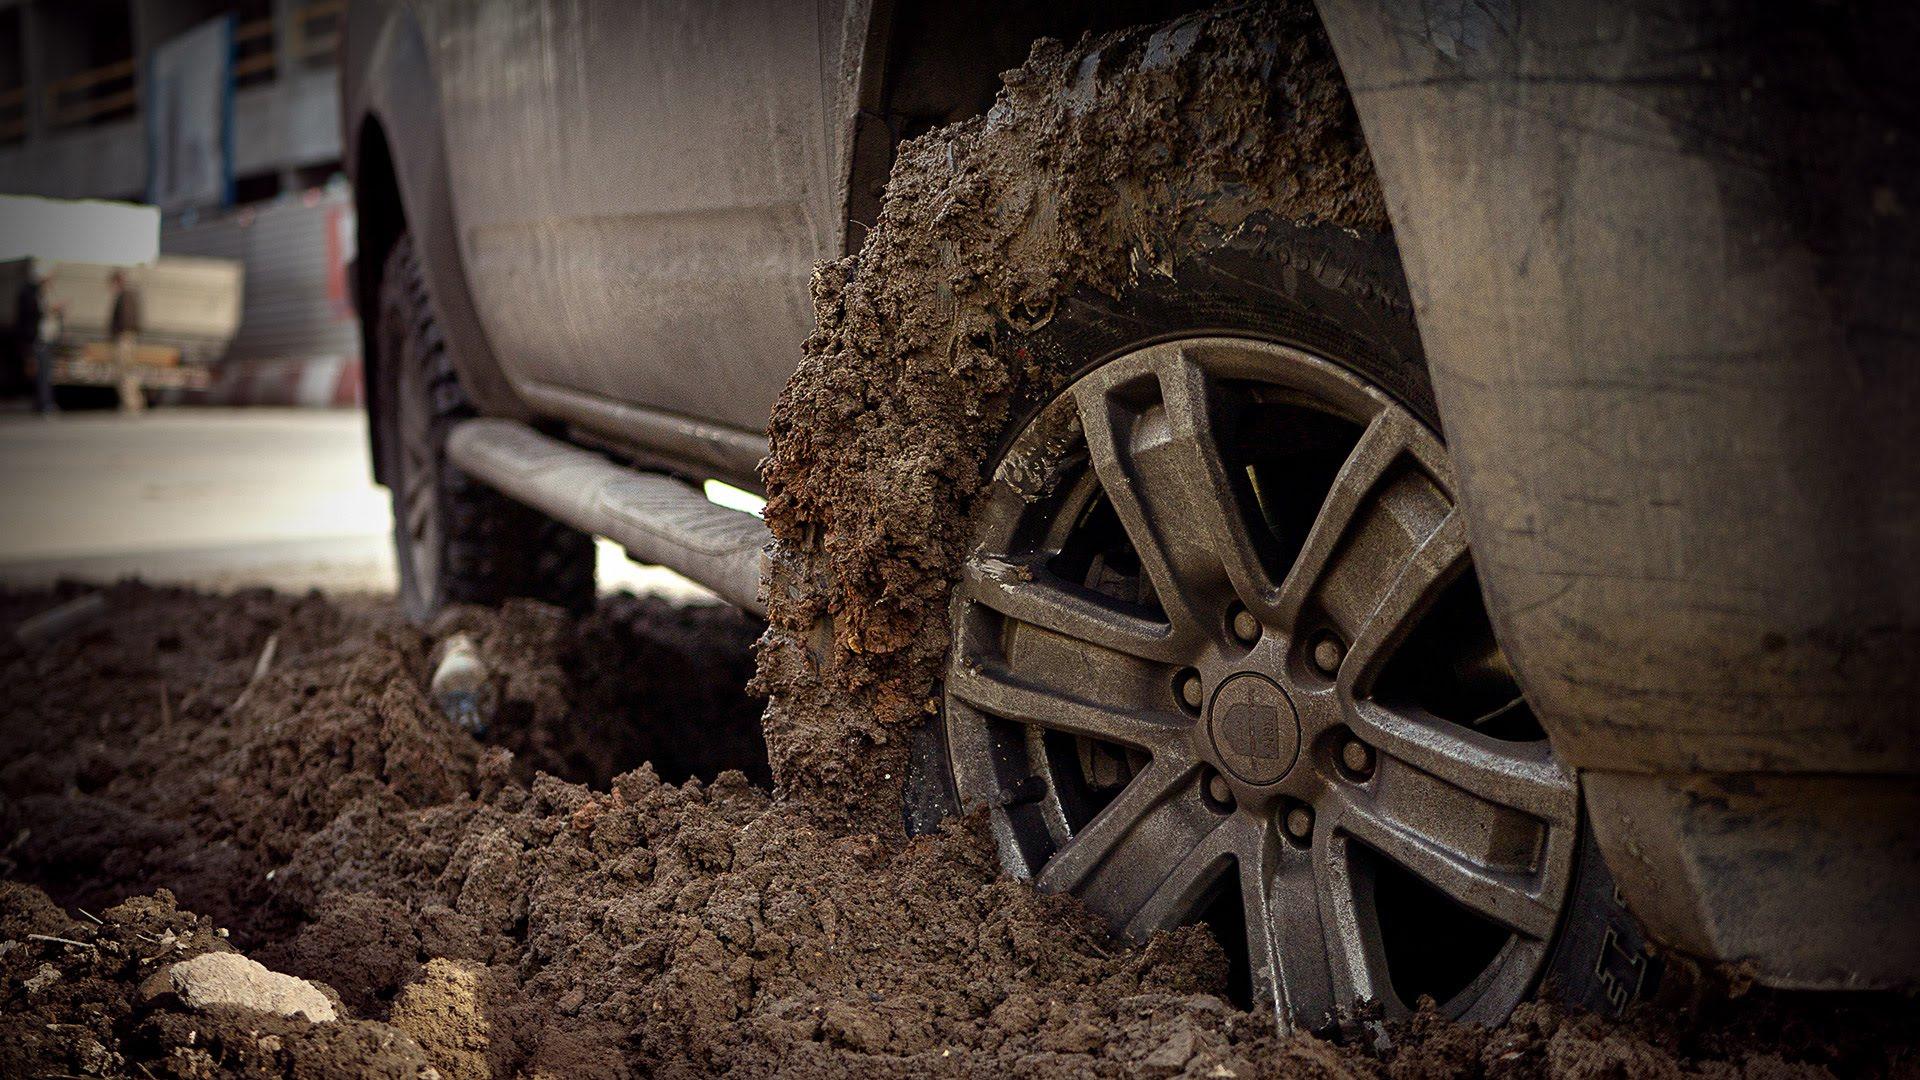 Новое колесо хапануло грязи )))